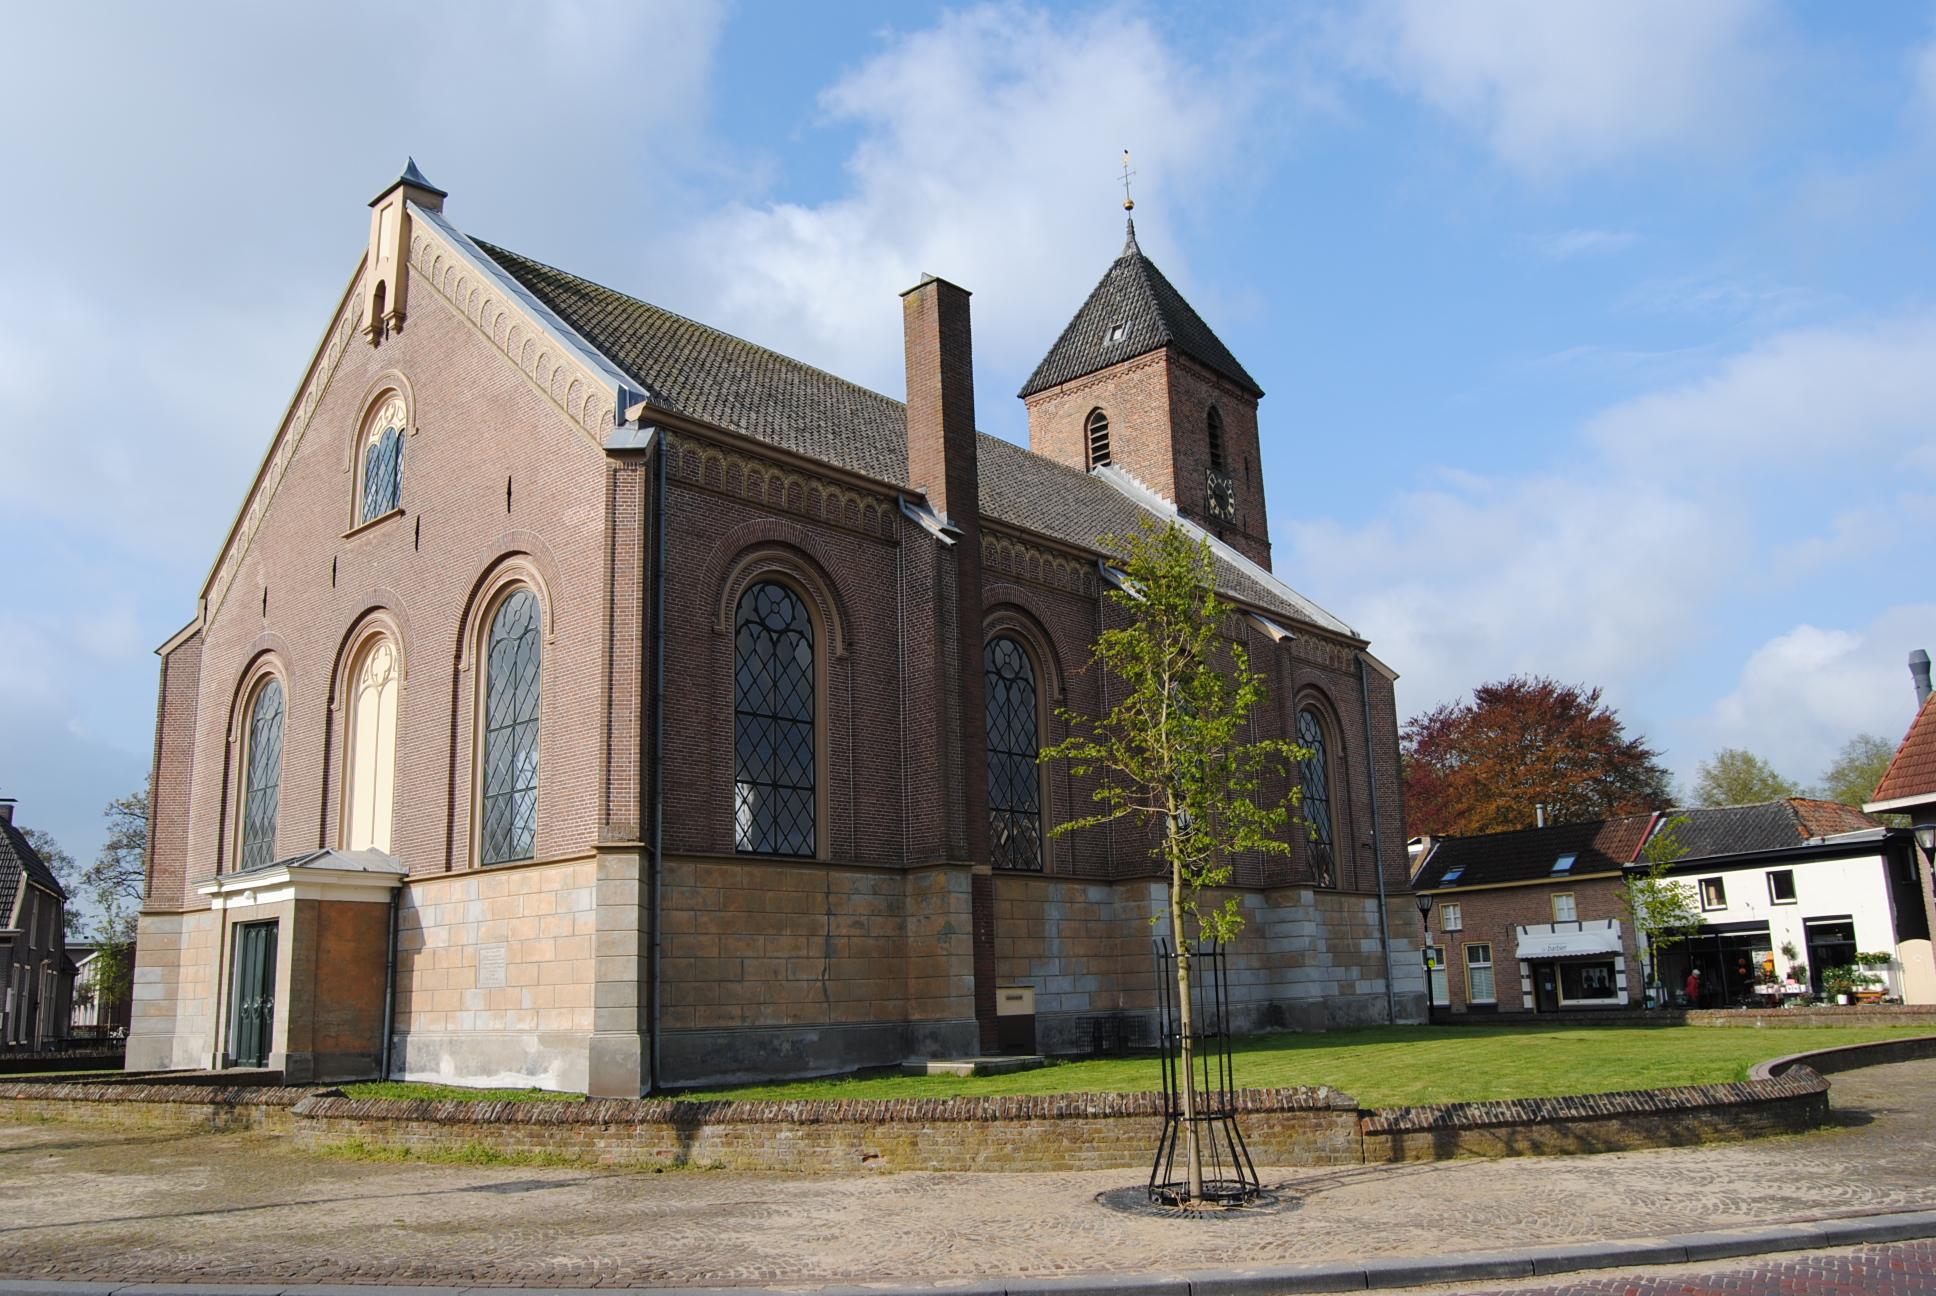 Architect Studio Bruce Eindhoven